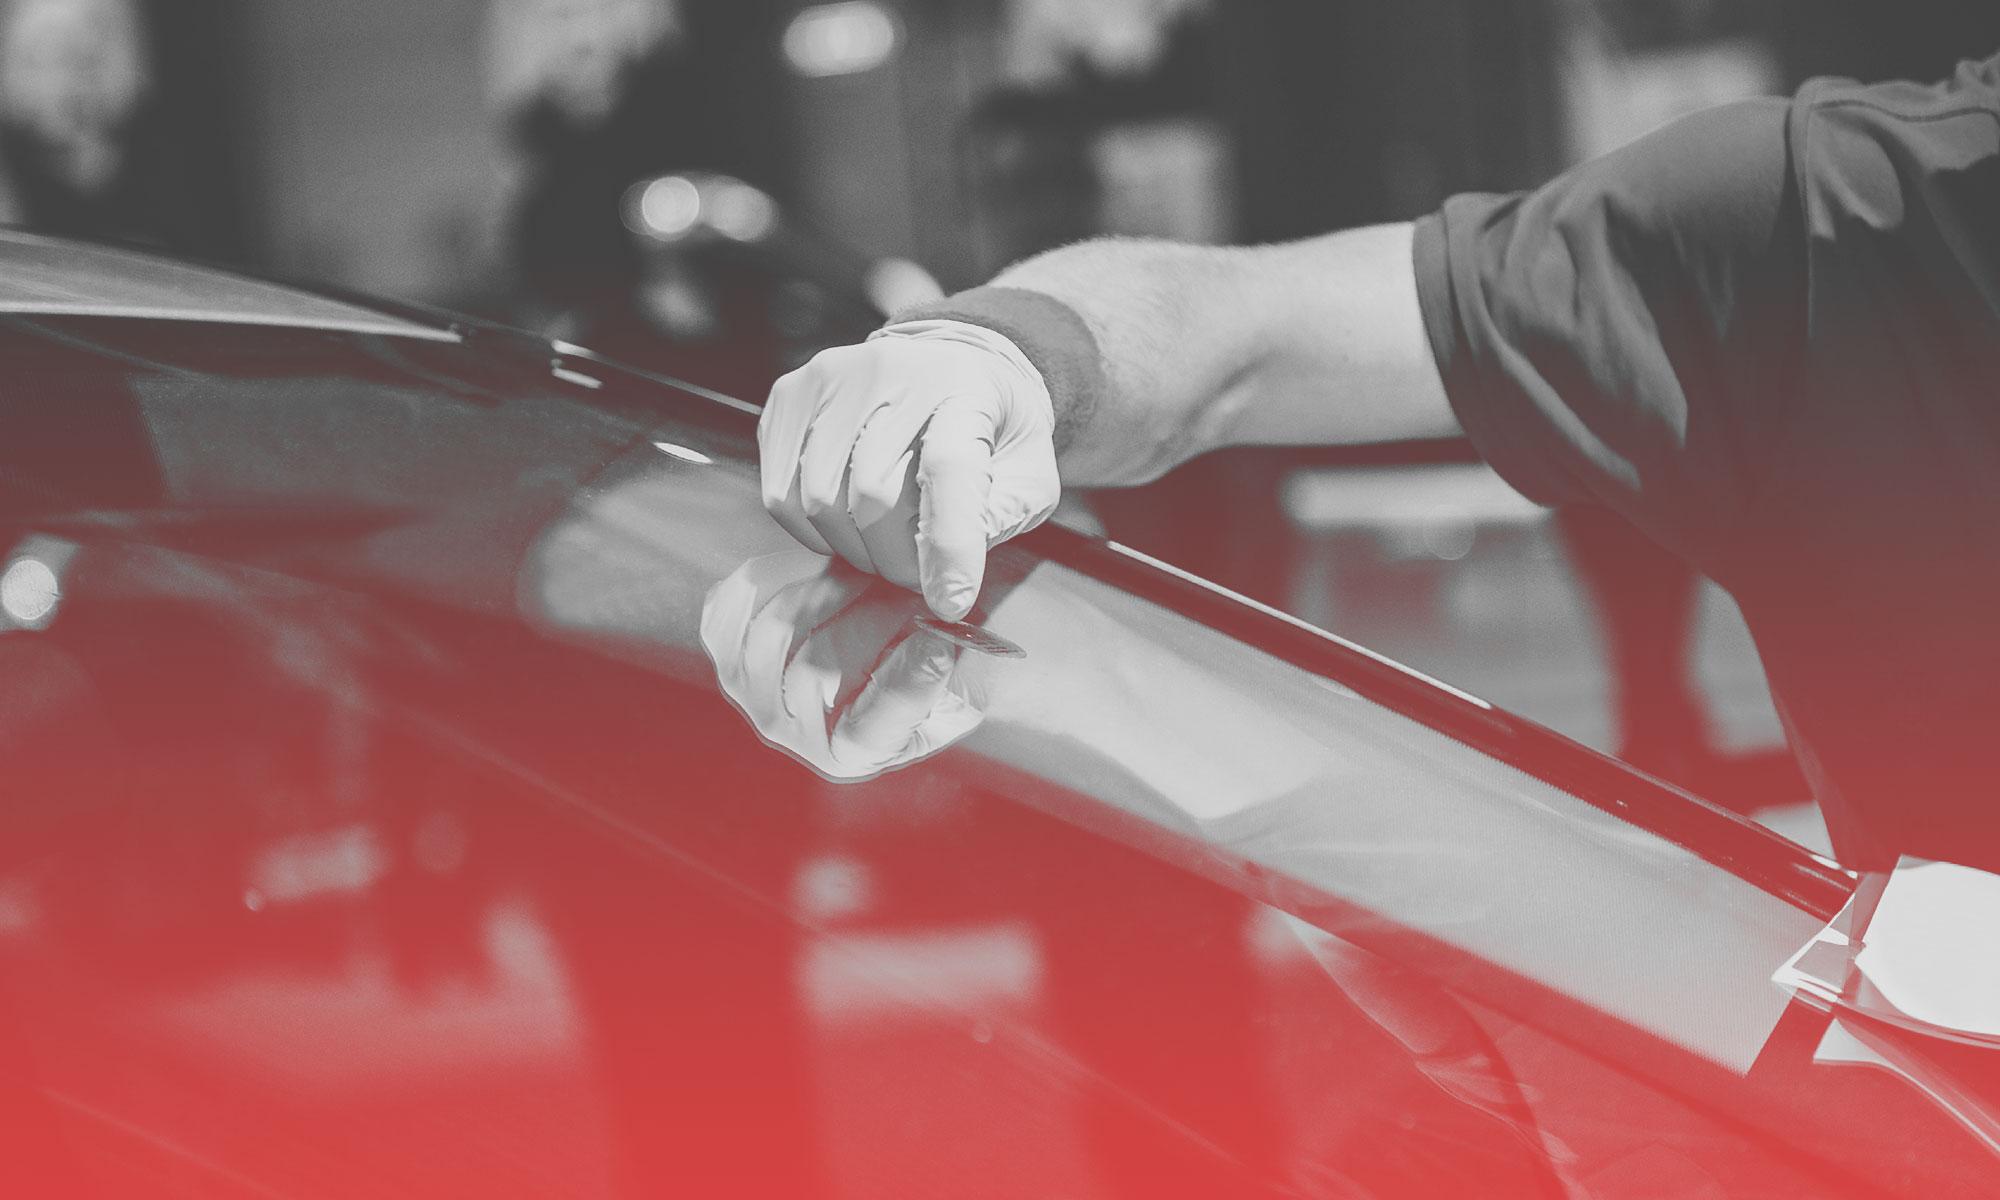 Ремонт стекла автомобиля своими руками видео